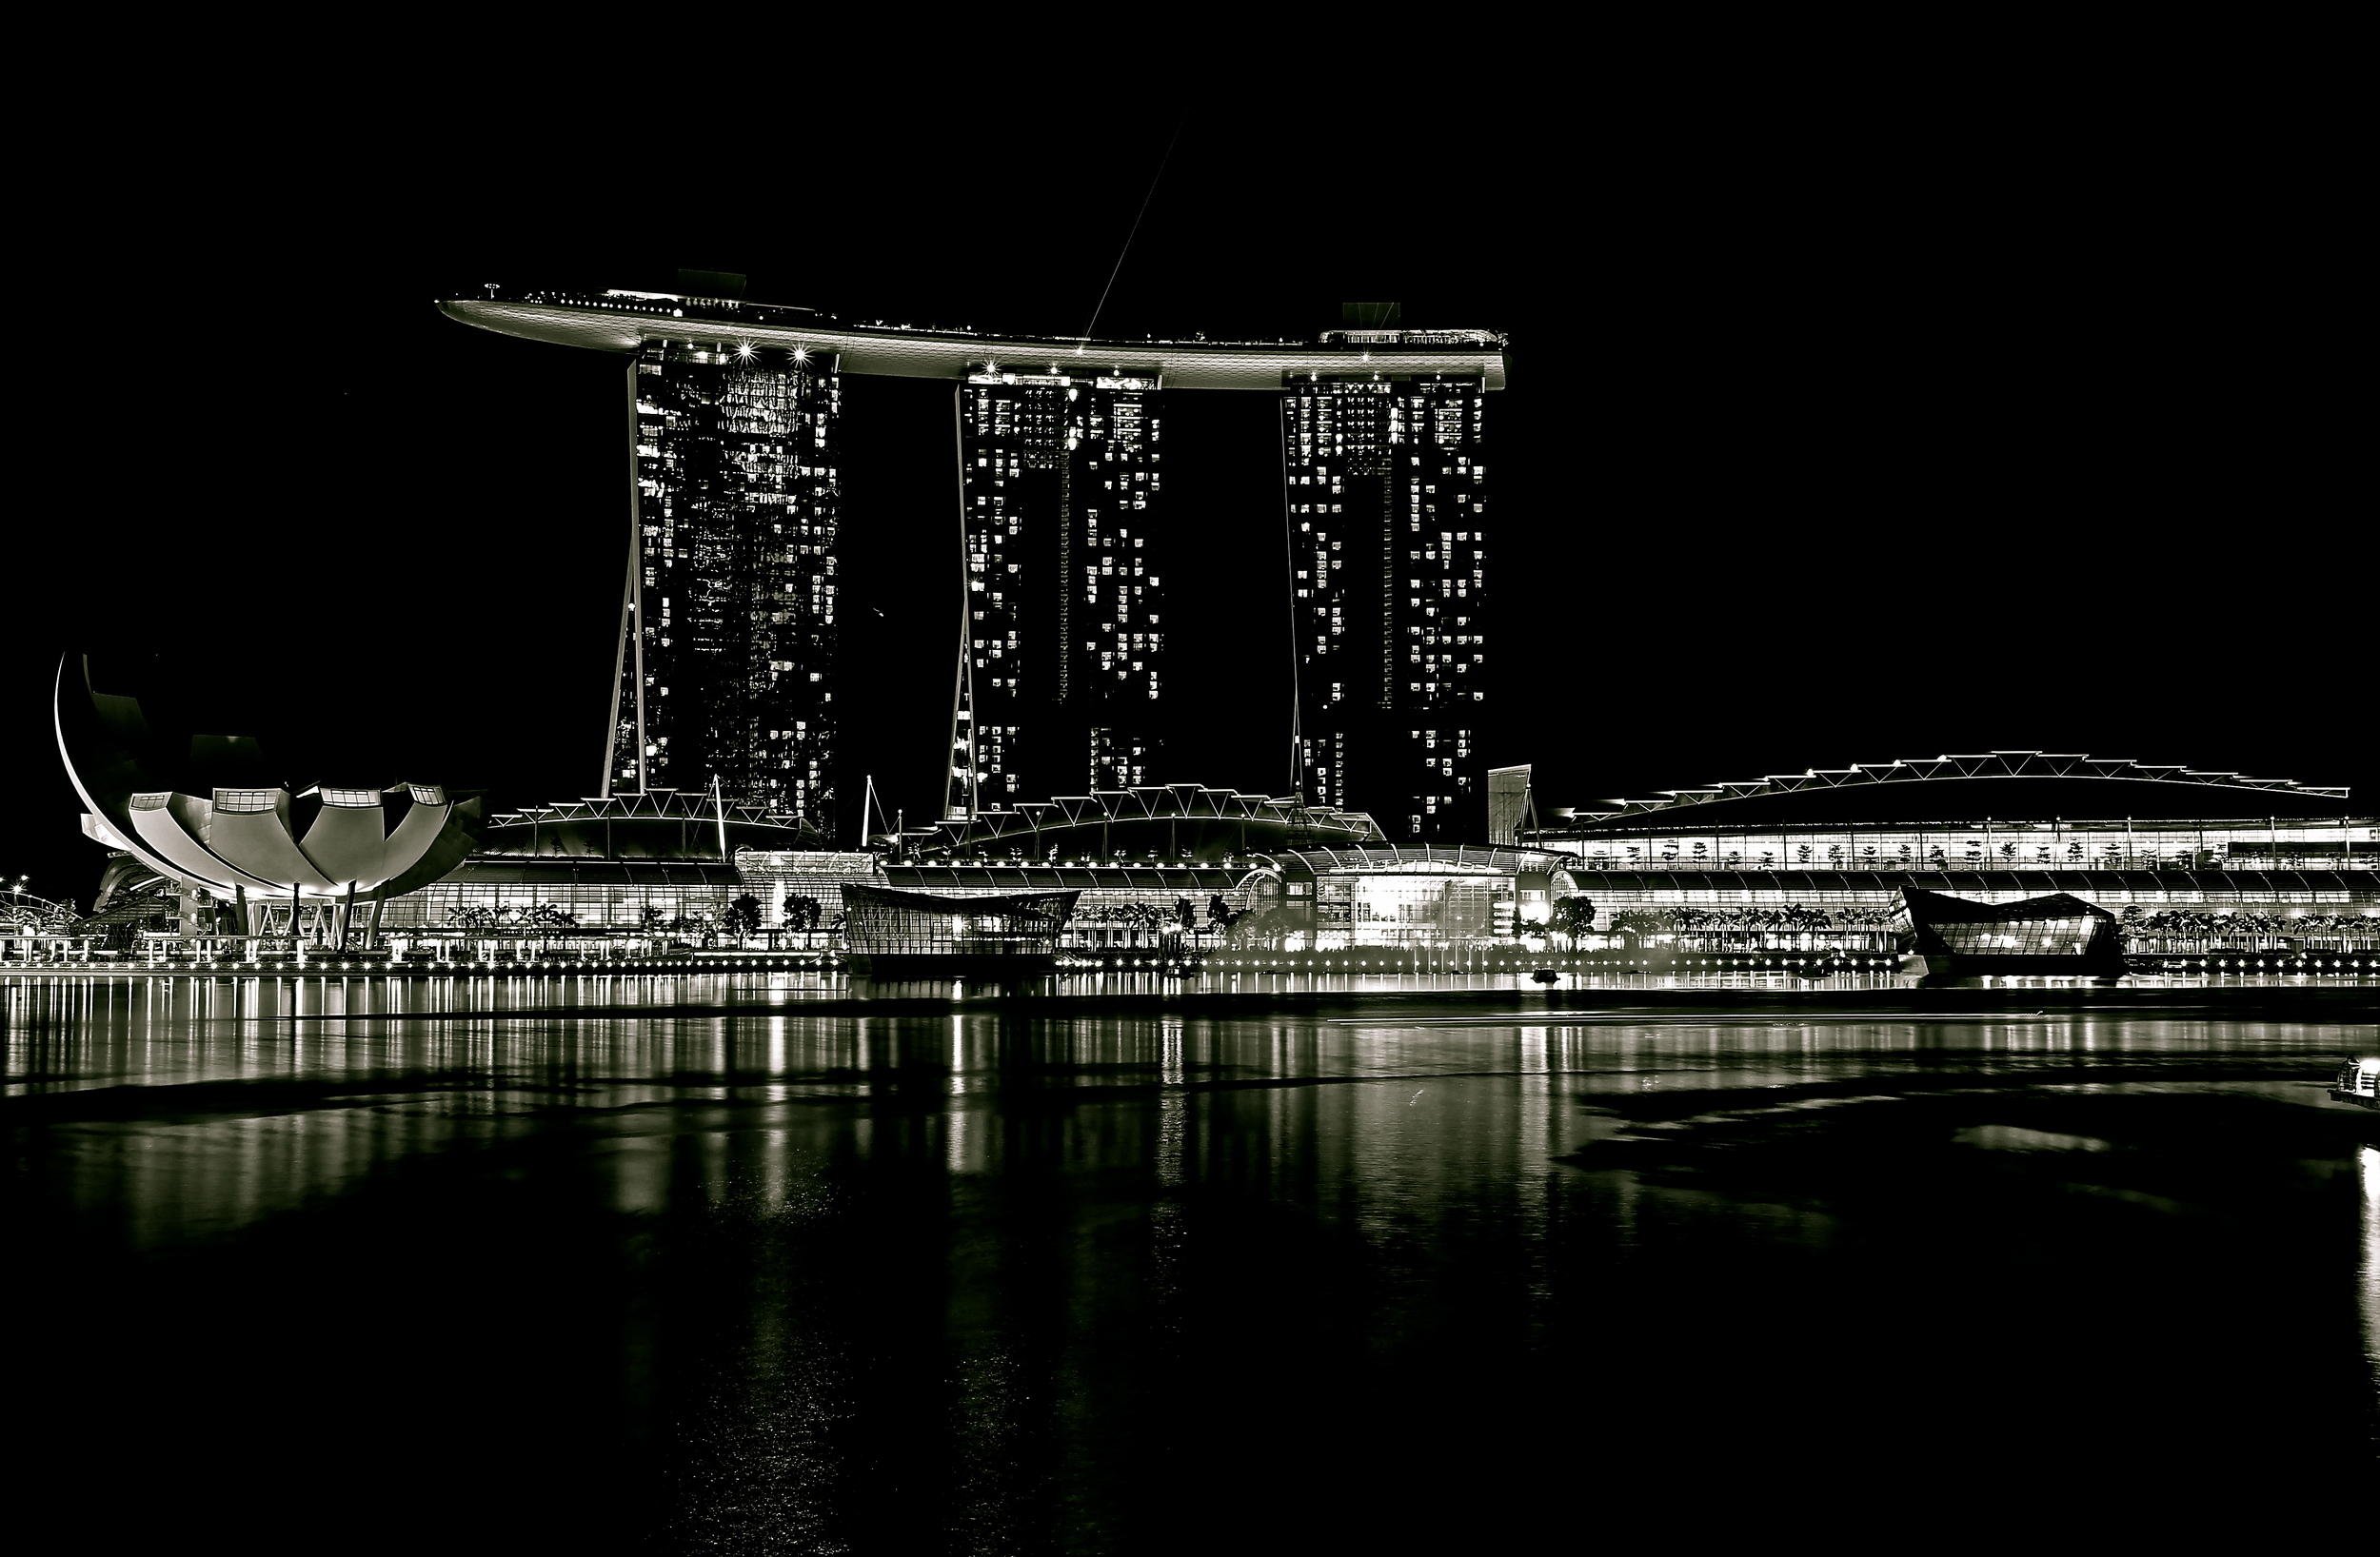 Marina Bay Sands B&W